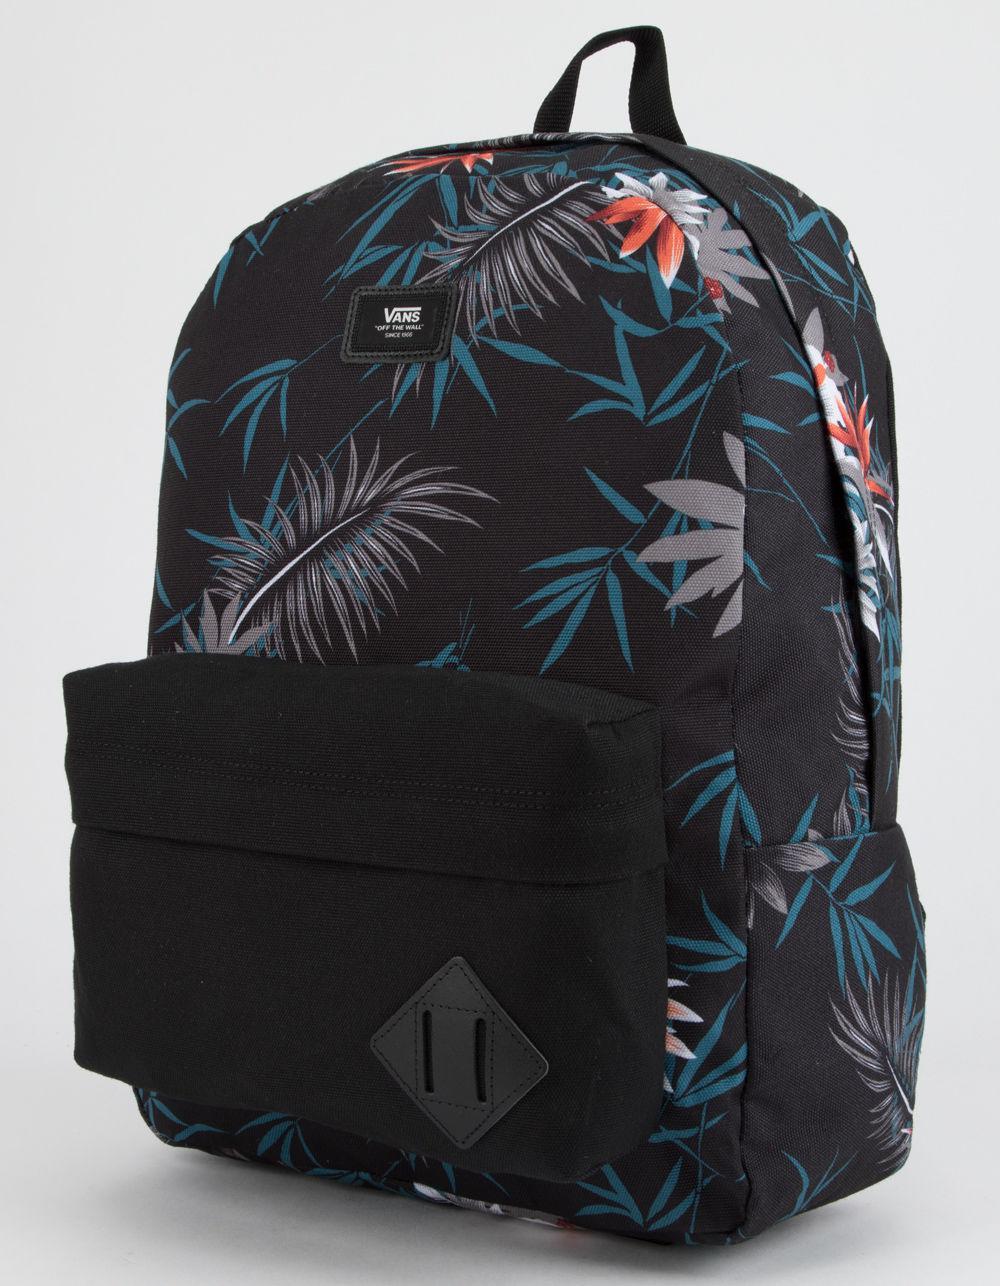 dbfd5237dcb9 Lyst - Vans Old Skool Ii Peace Out Floral Backpack in Black